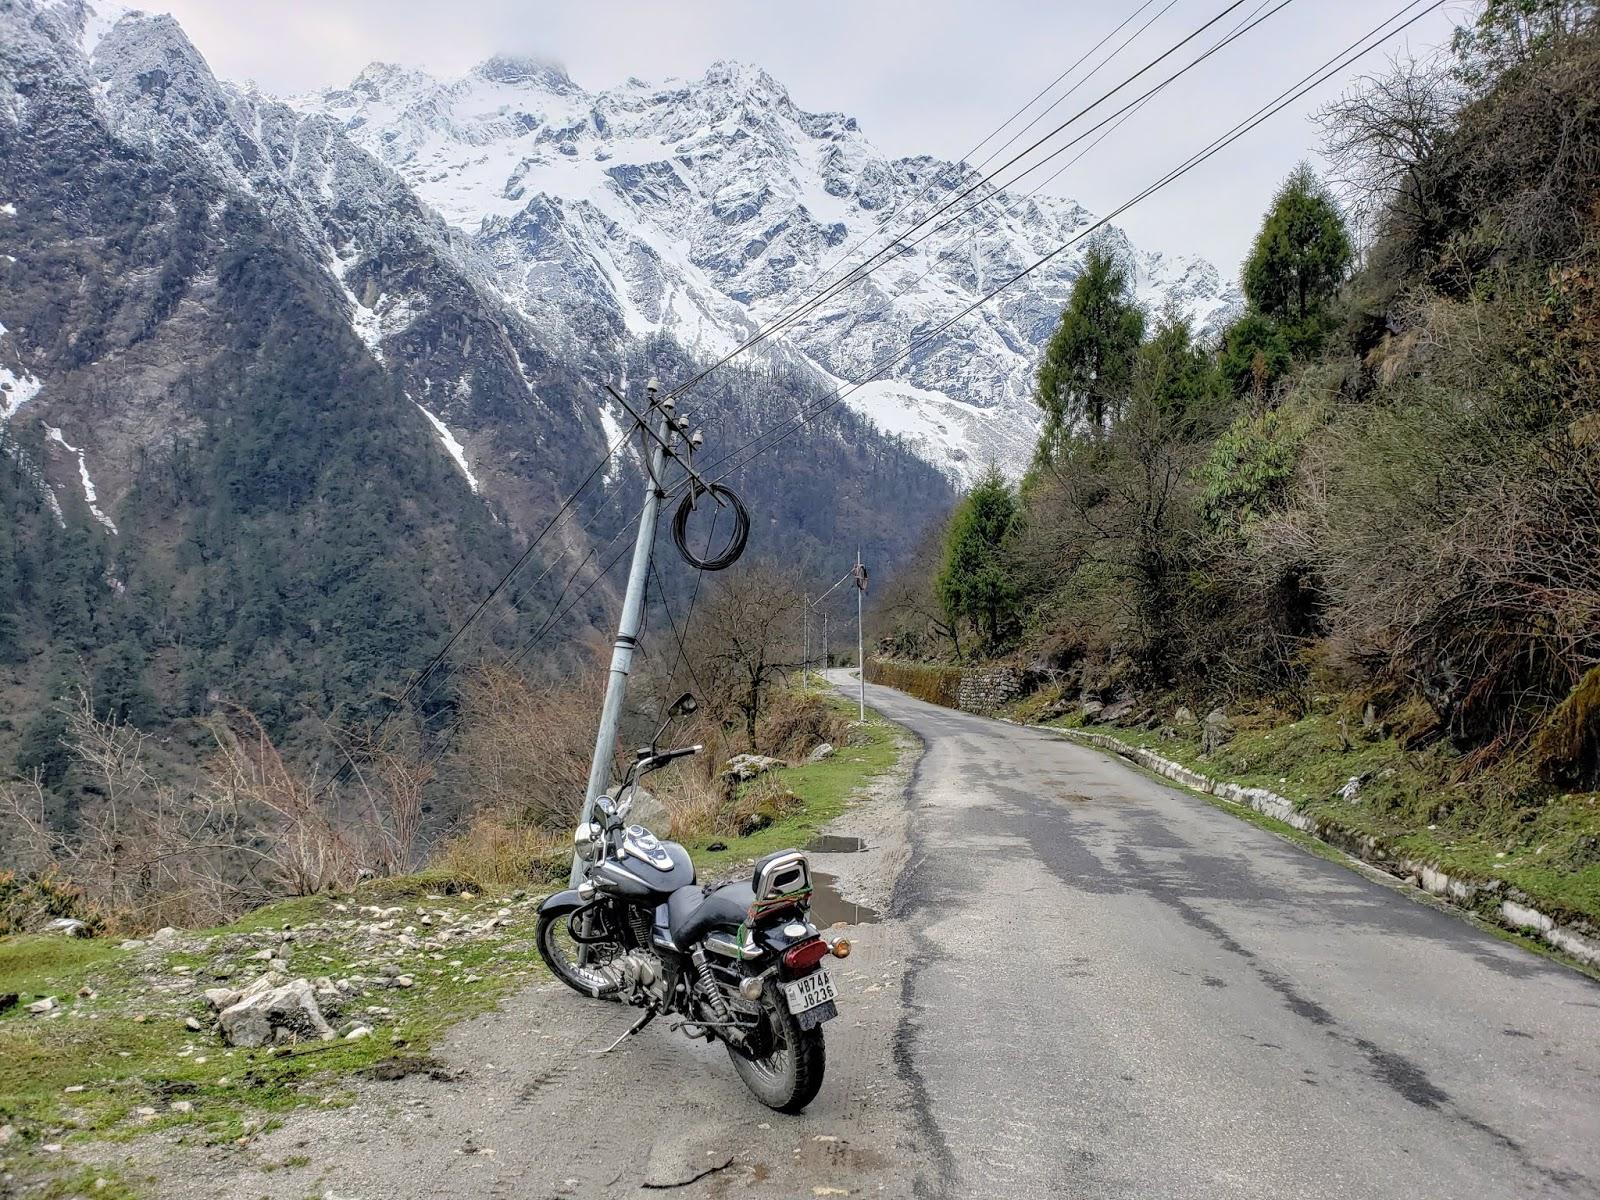 नार्थ सिक्किम की एक घाटी